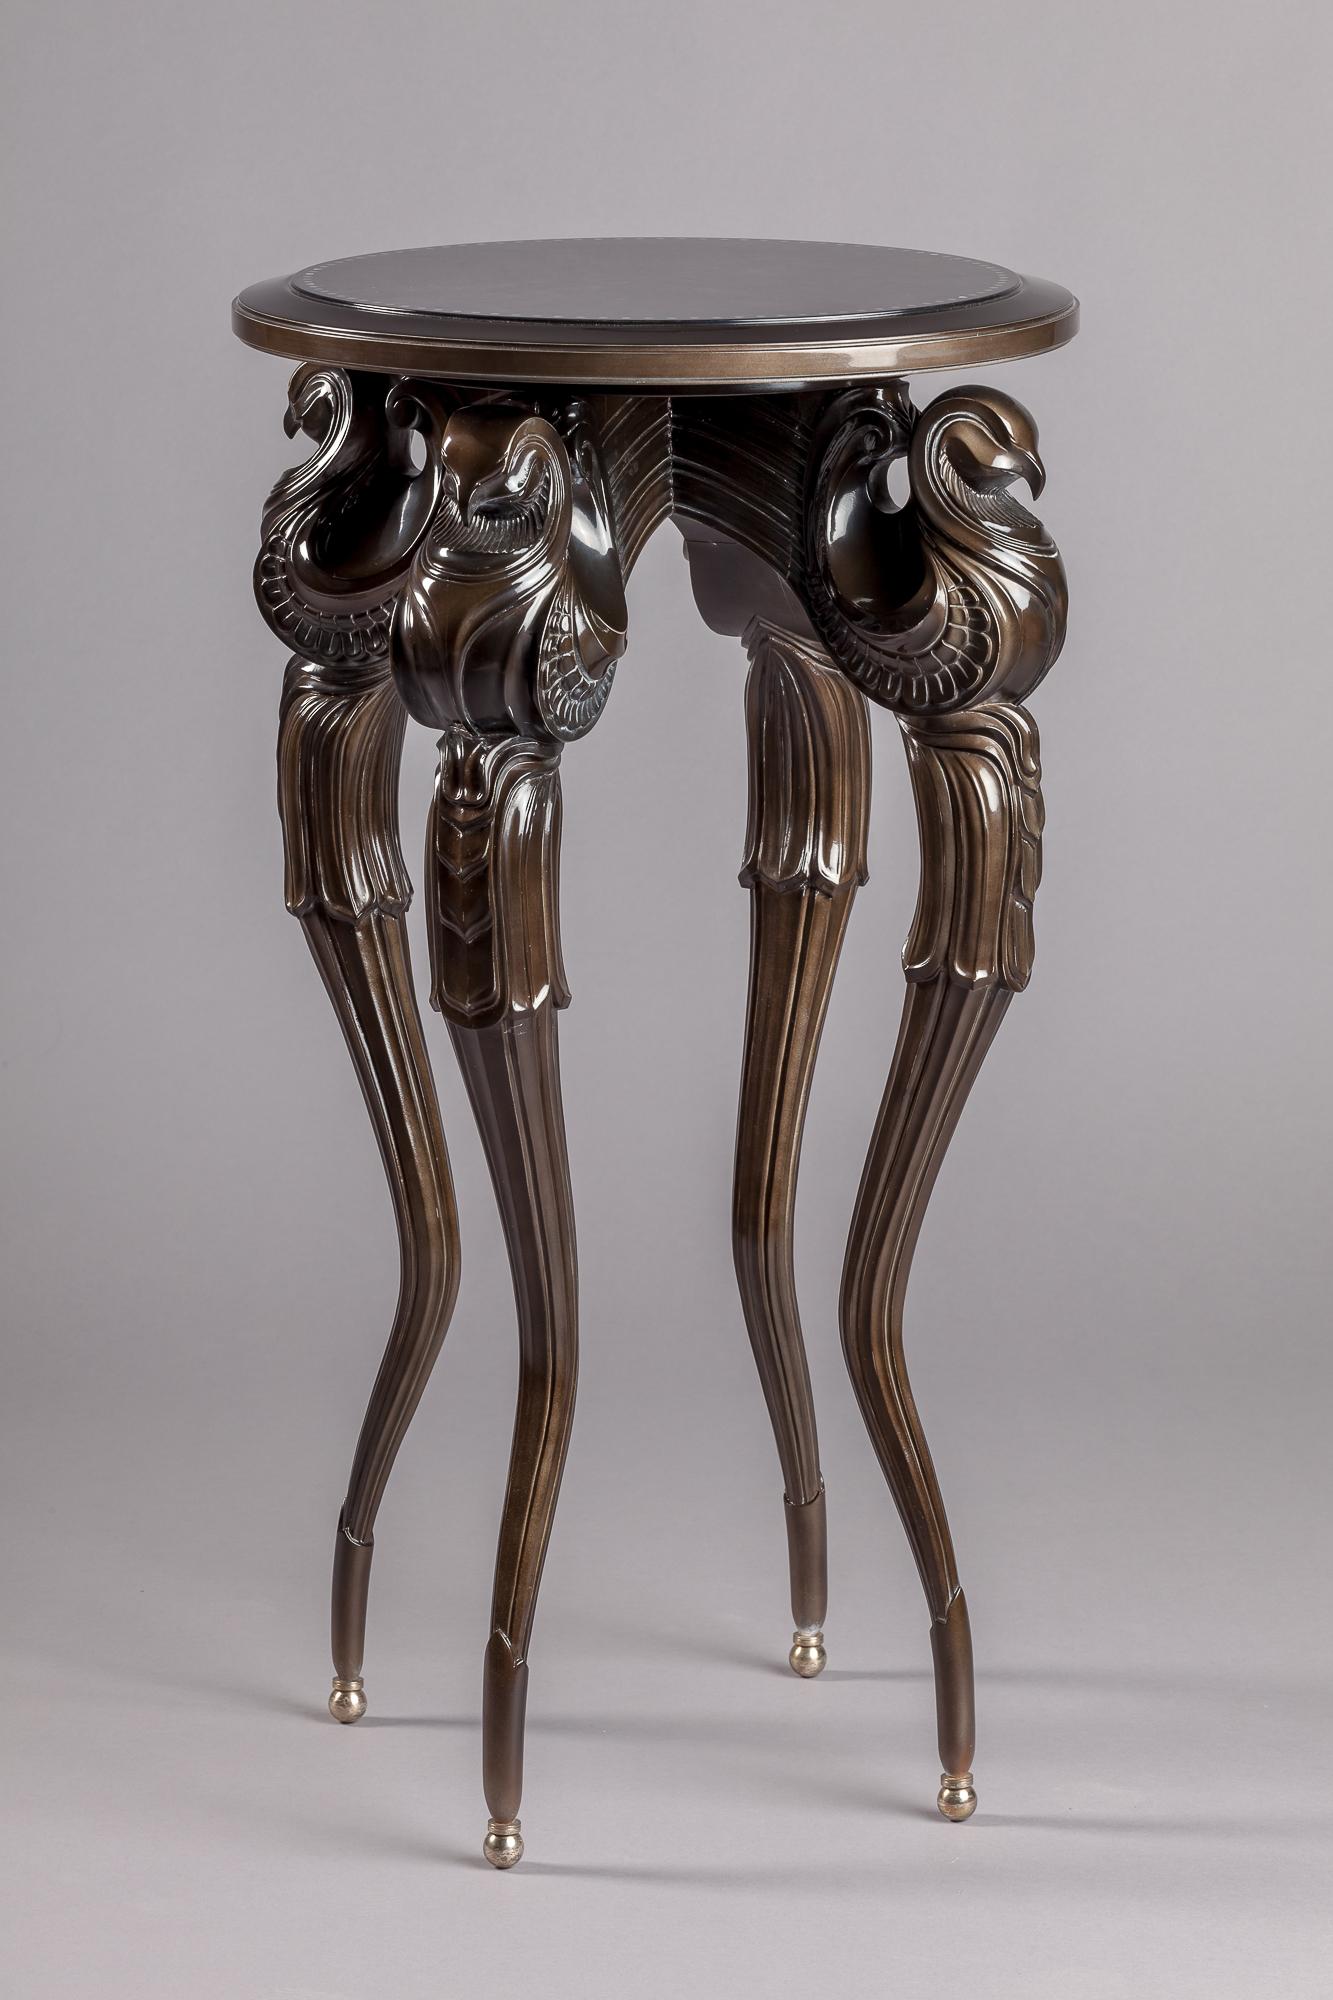 Стол спроектированный нашим дизайнером Волковым Н.С. и выполненный нашими мастерами